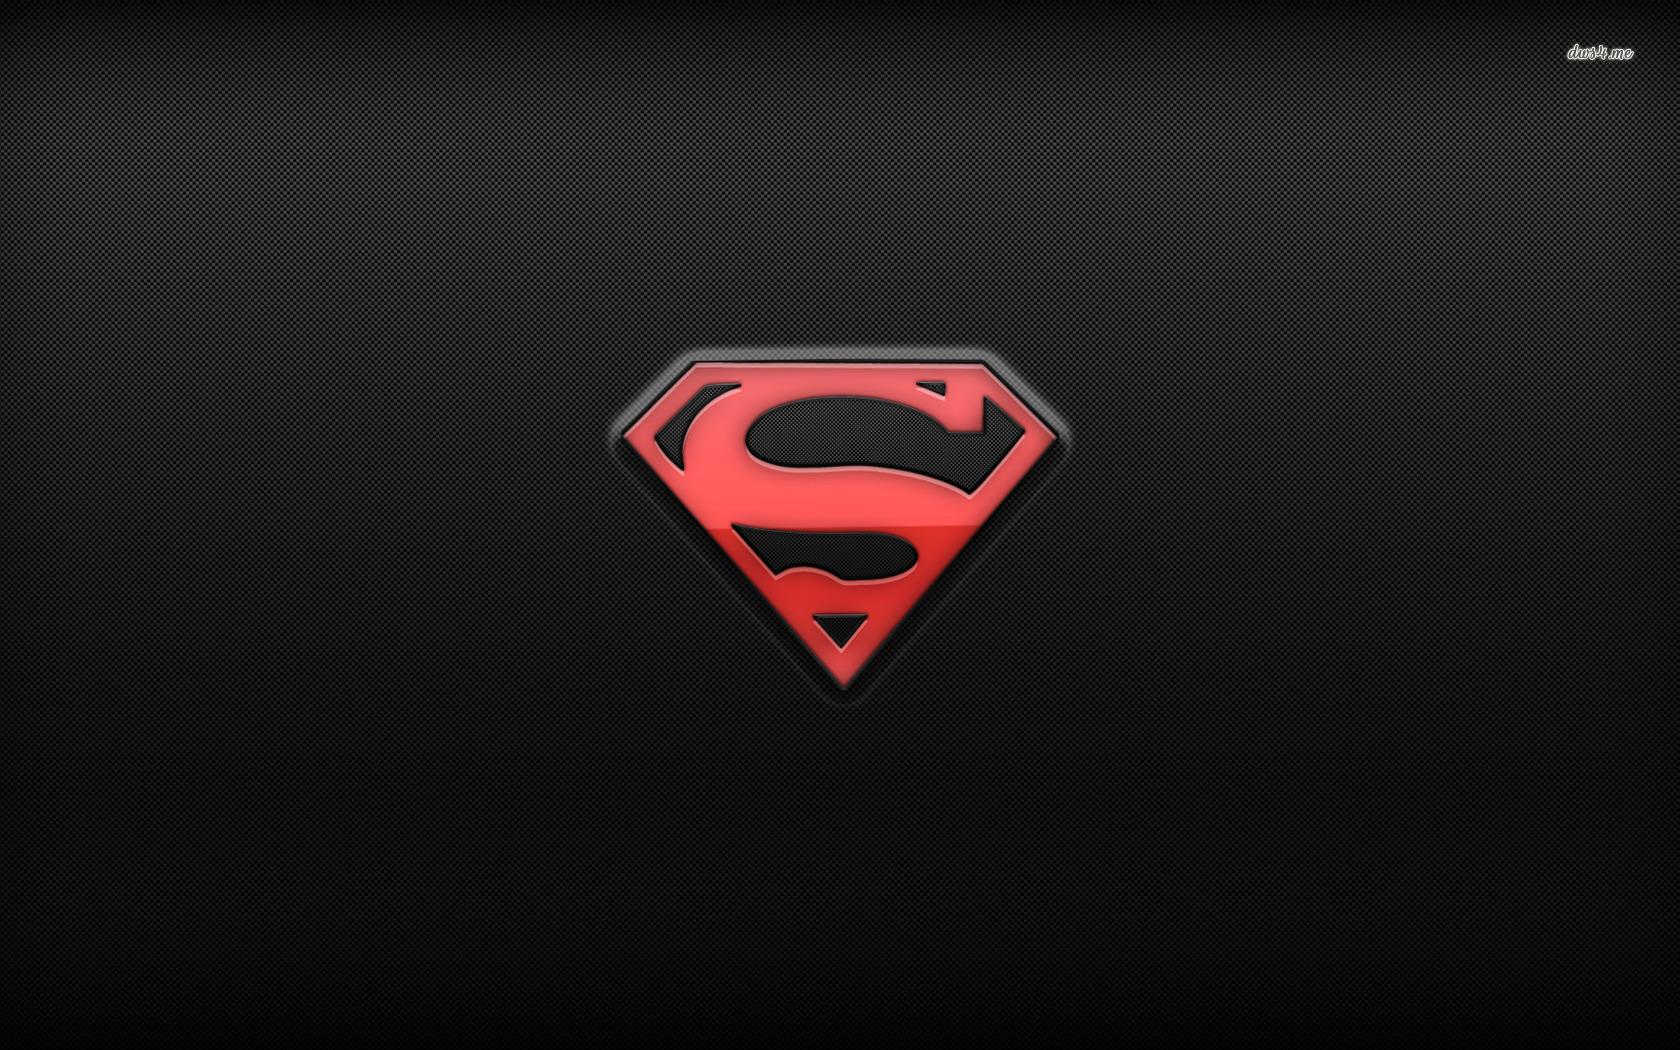 Superman Logo Wallpaper Desktop - WallpaperSafari